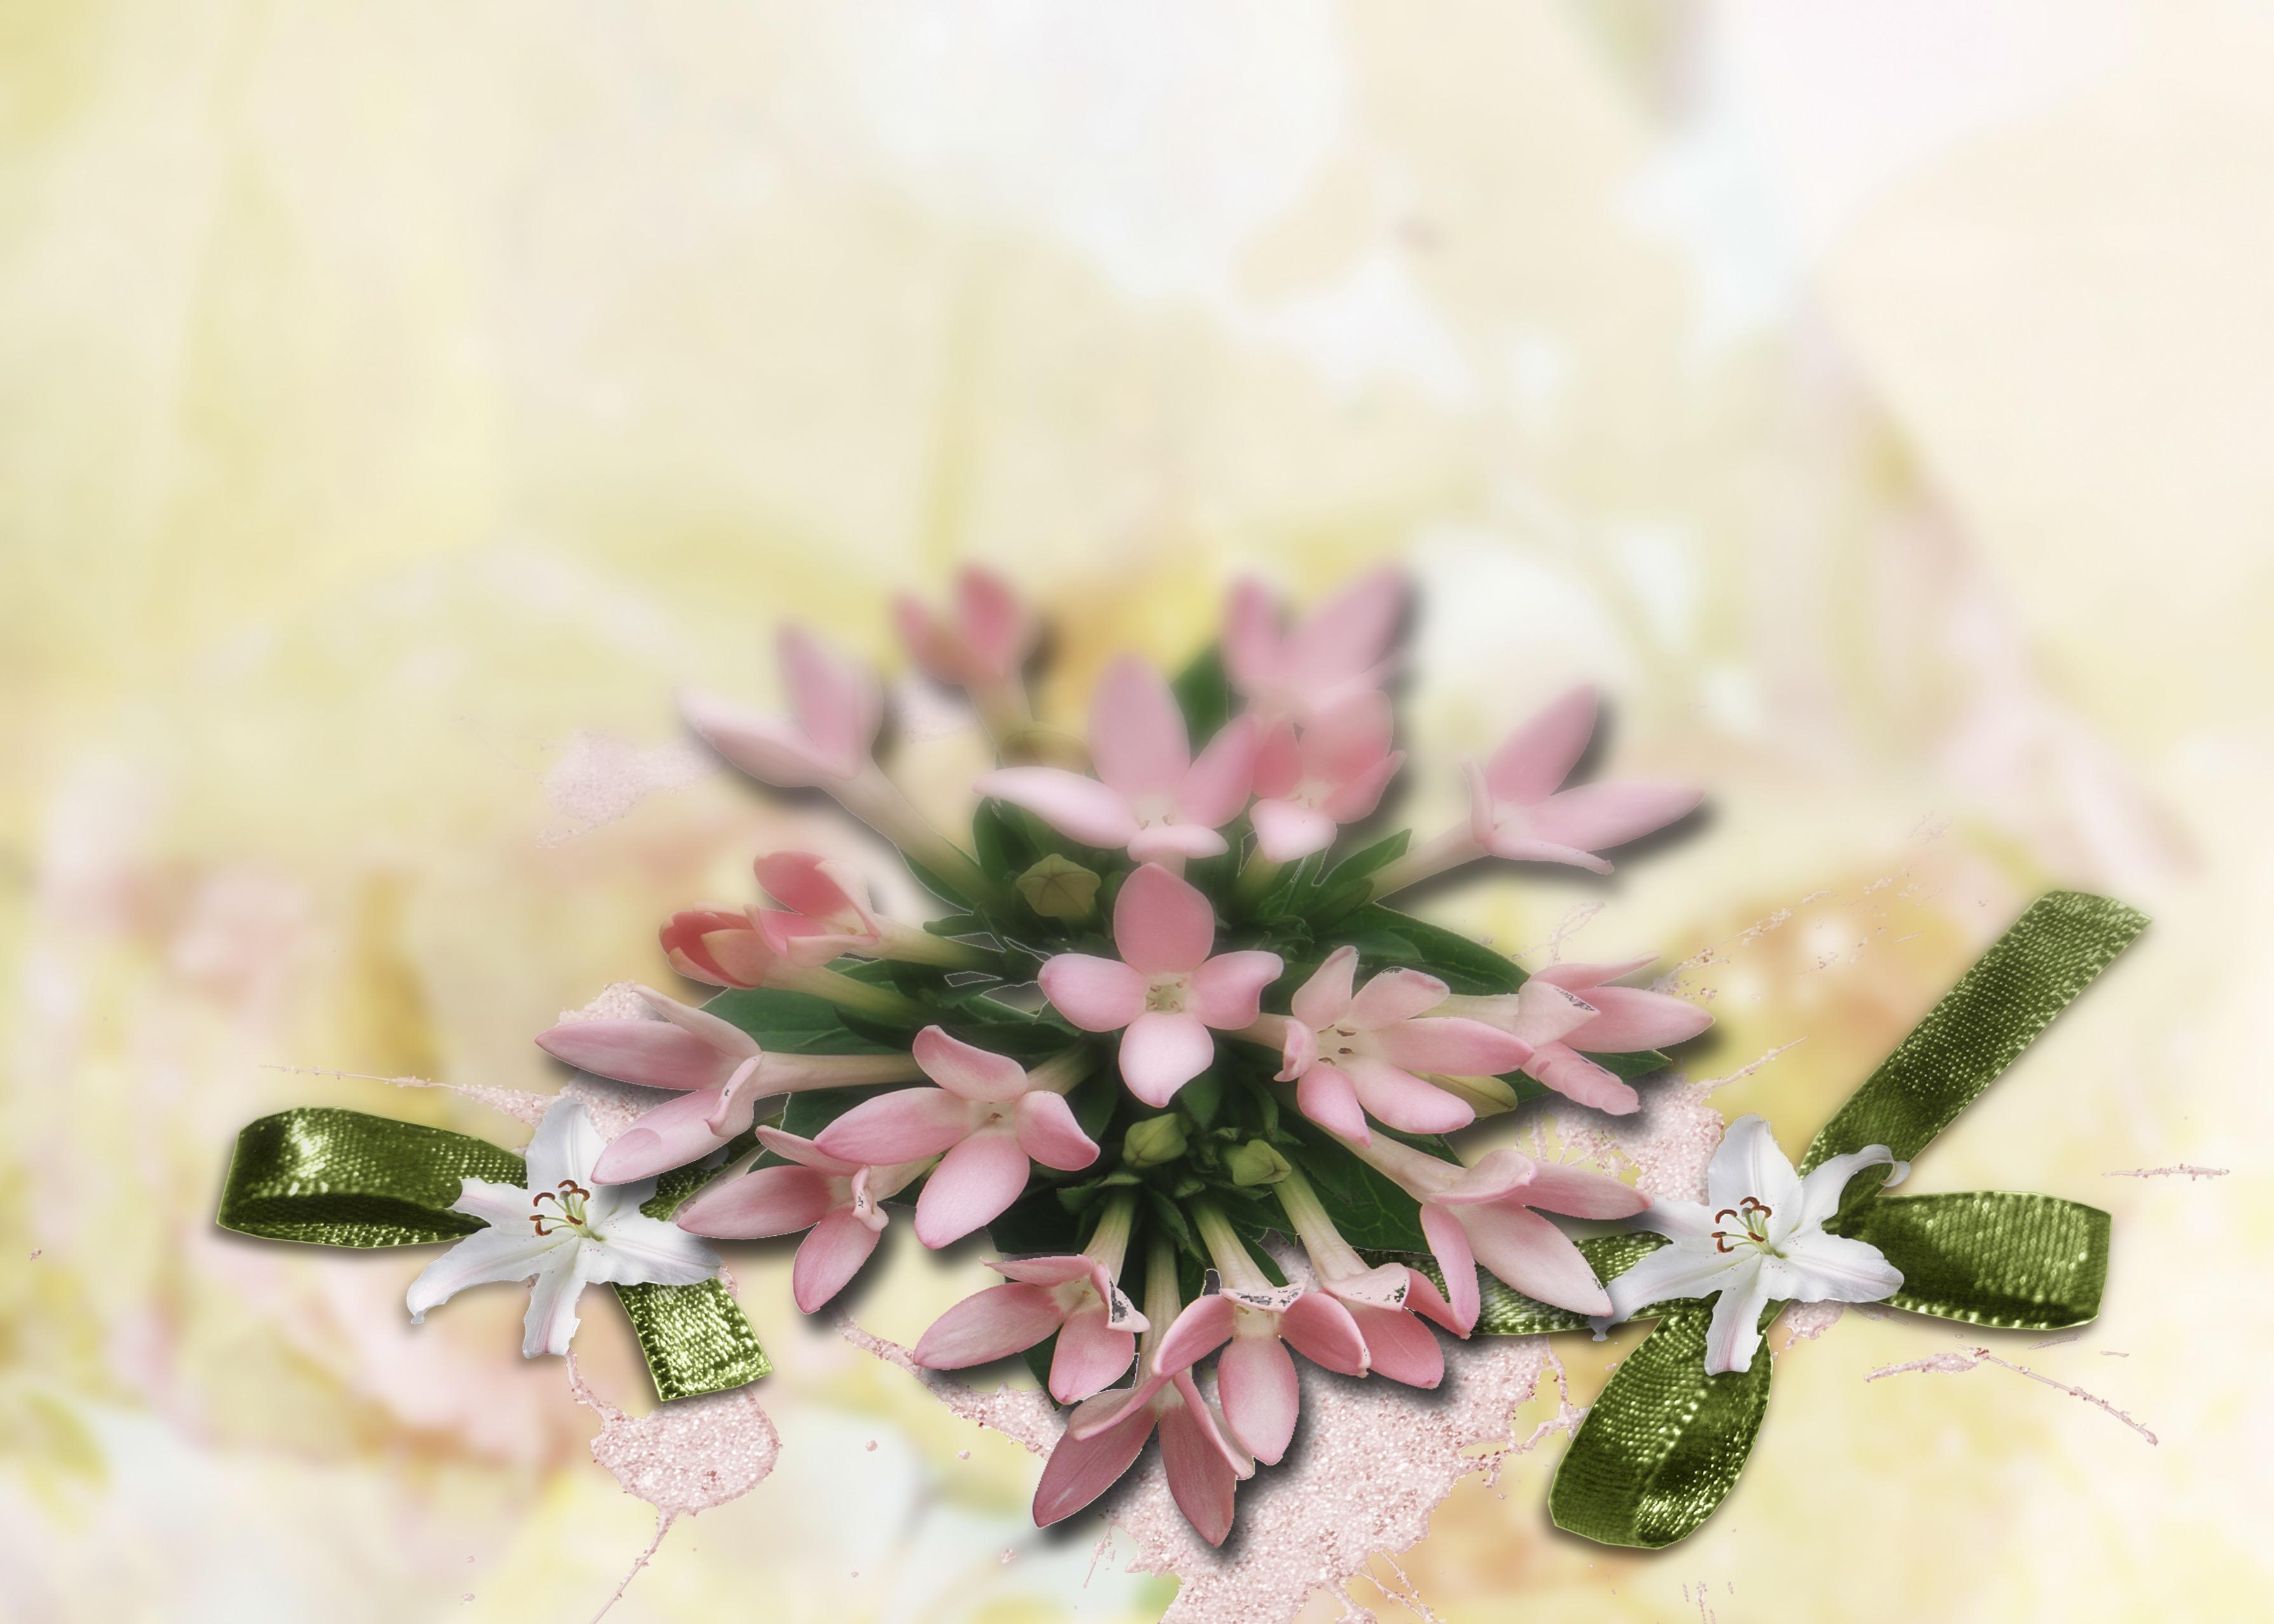 Digital art-flower